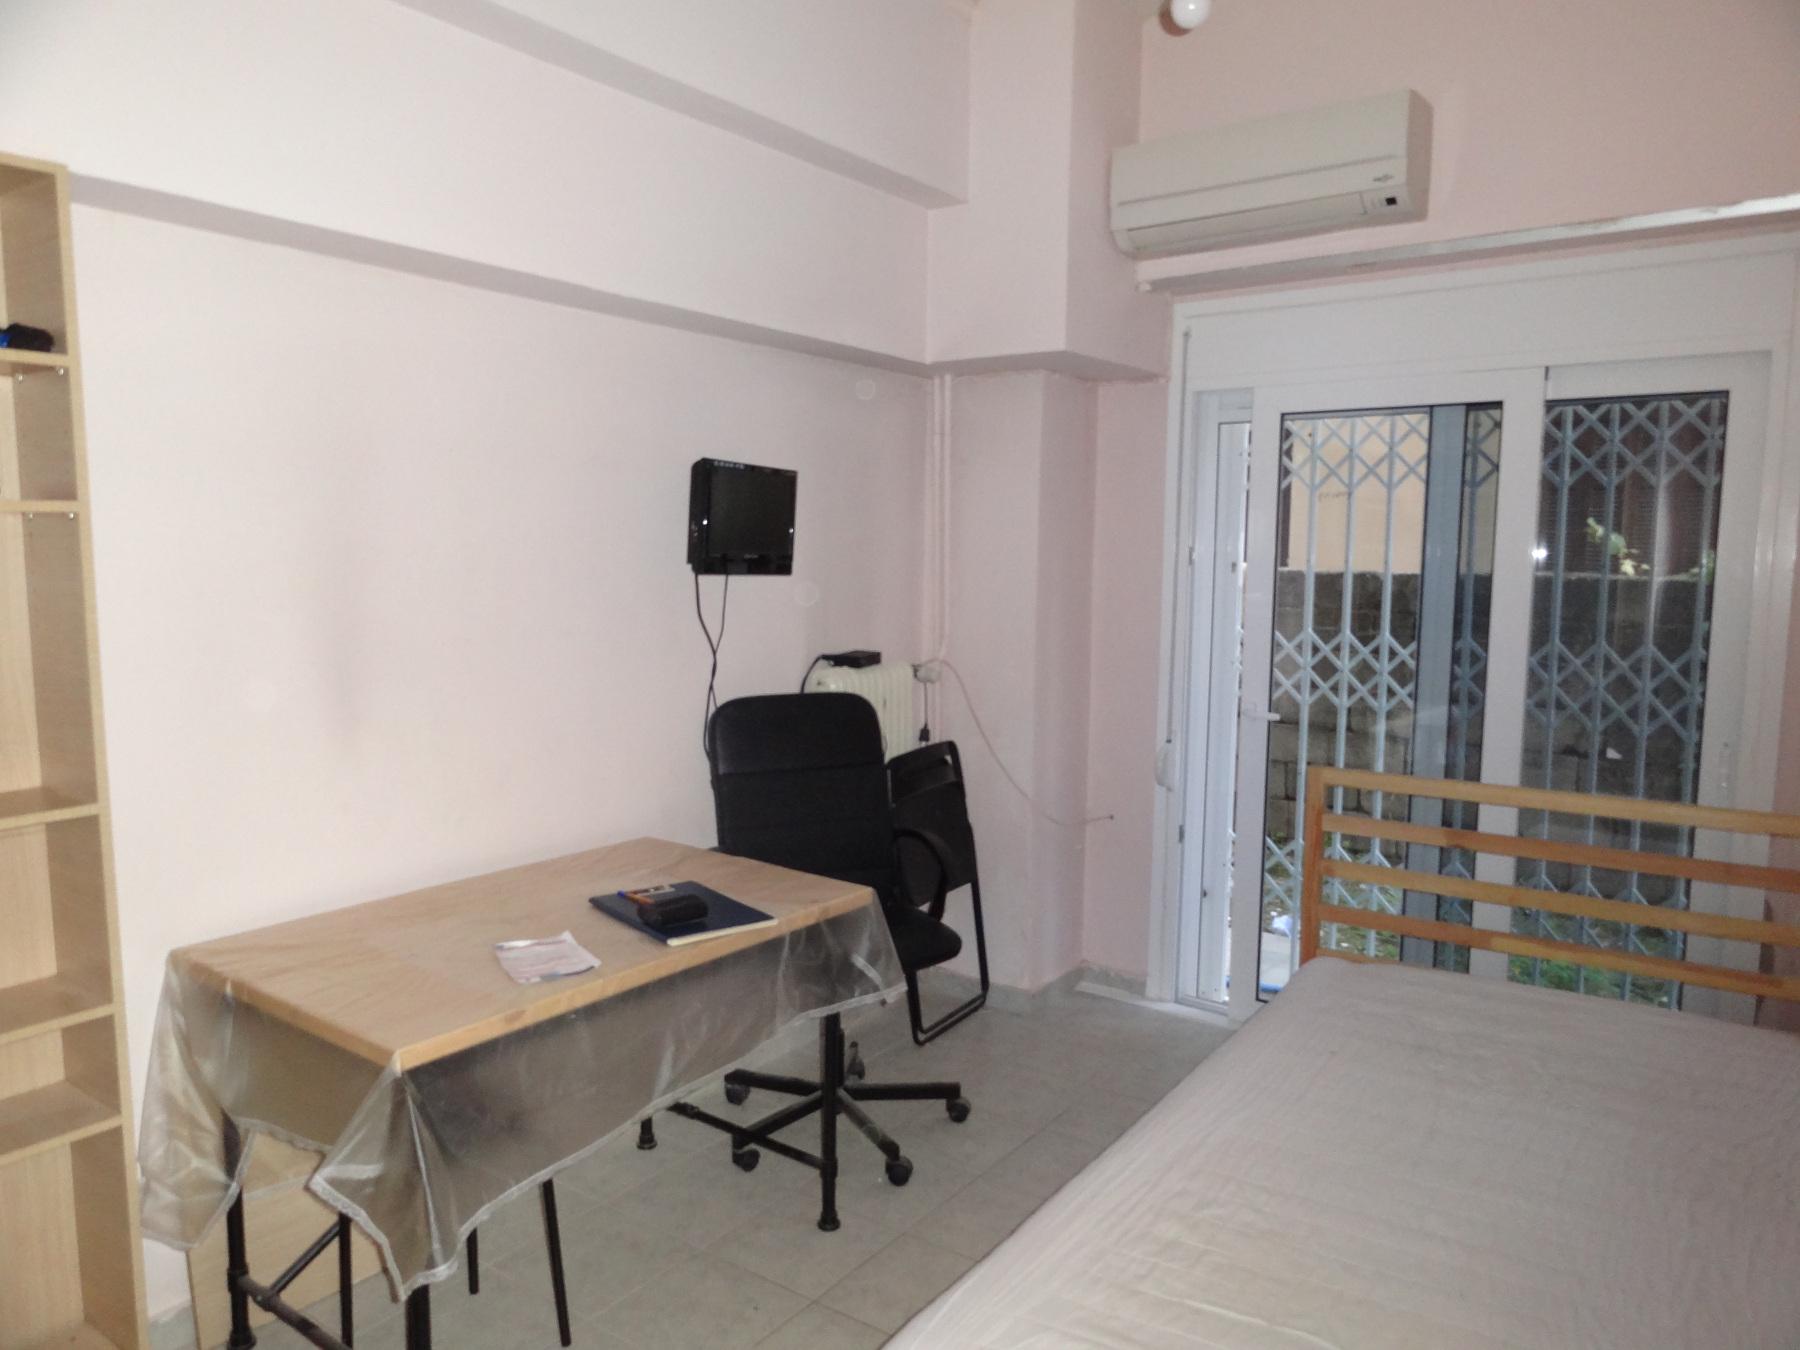 Ενοικιάζεται επιπλωμένο studio 25 τ.μ. ισογείου στην πλατεία Πάργης στα Ιωάννινα